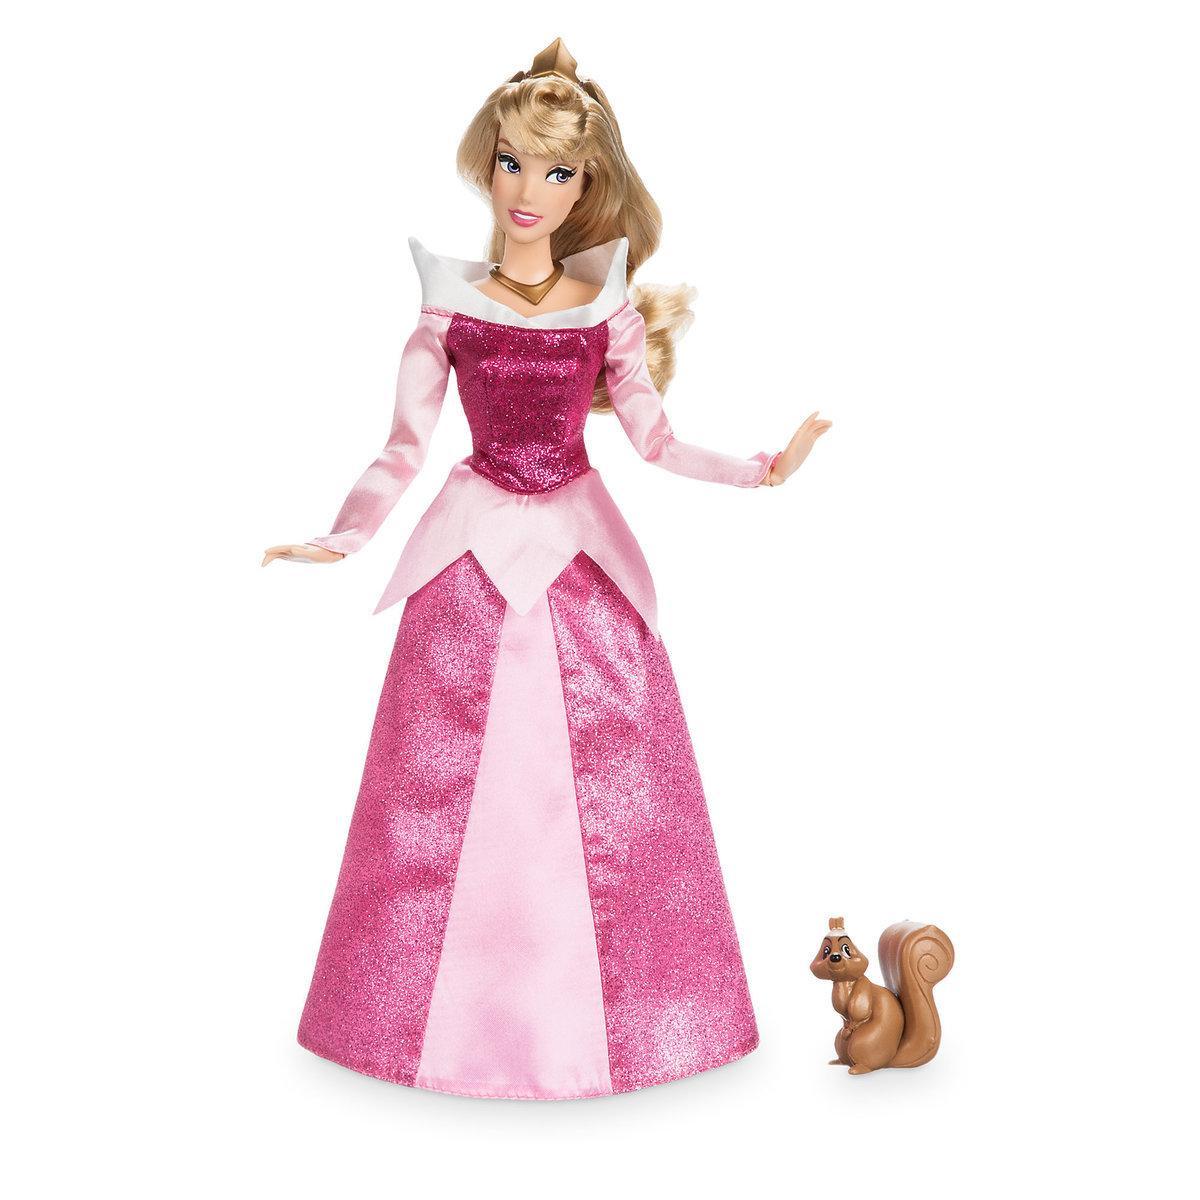 Disney Классическая кукла Принцесса Аврора с белочкой - Спящая Красави